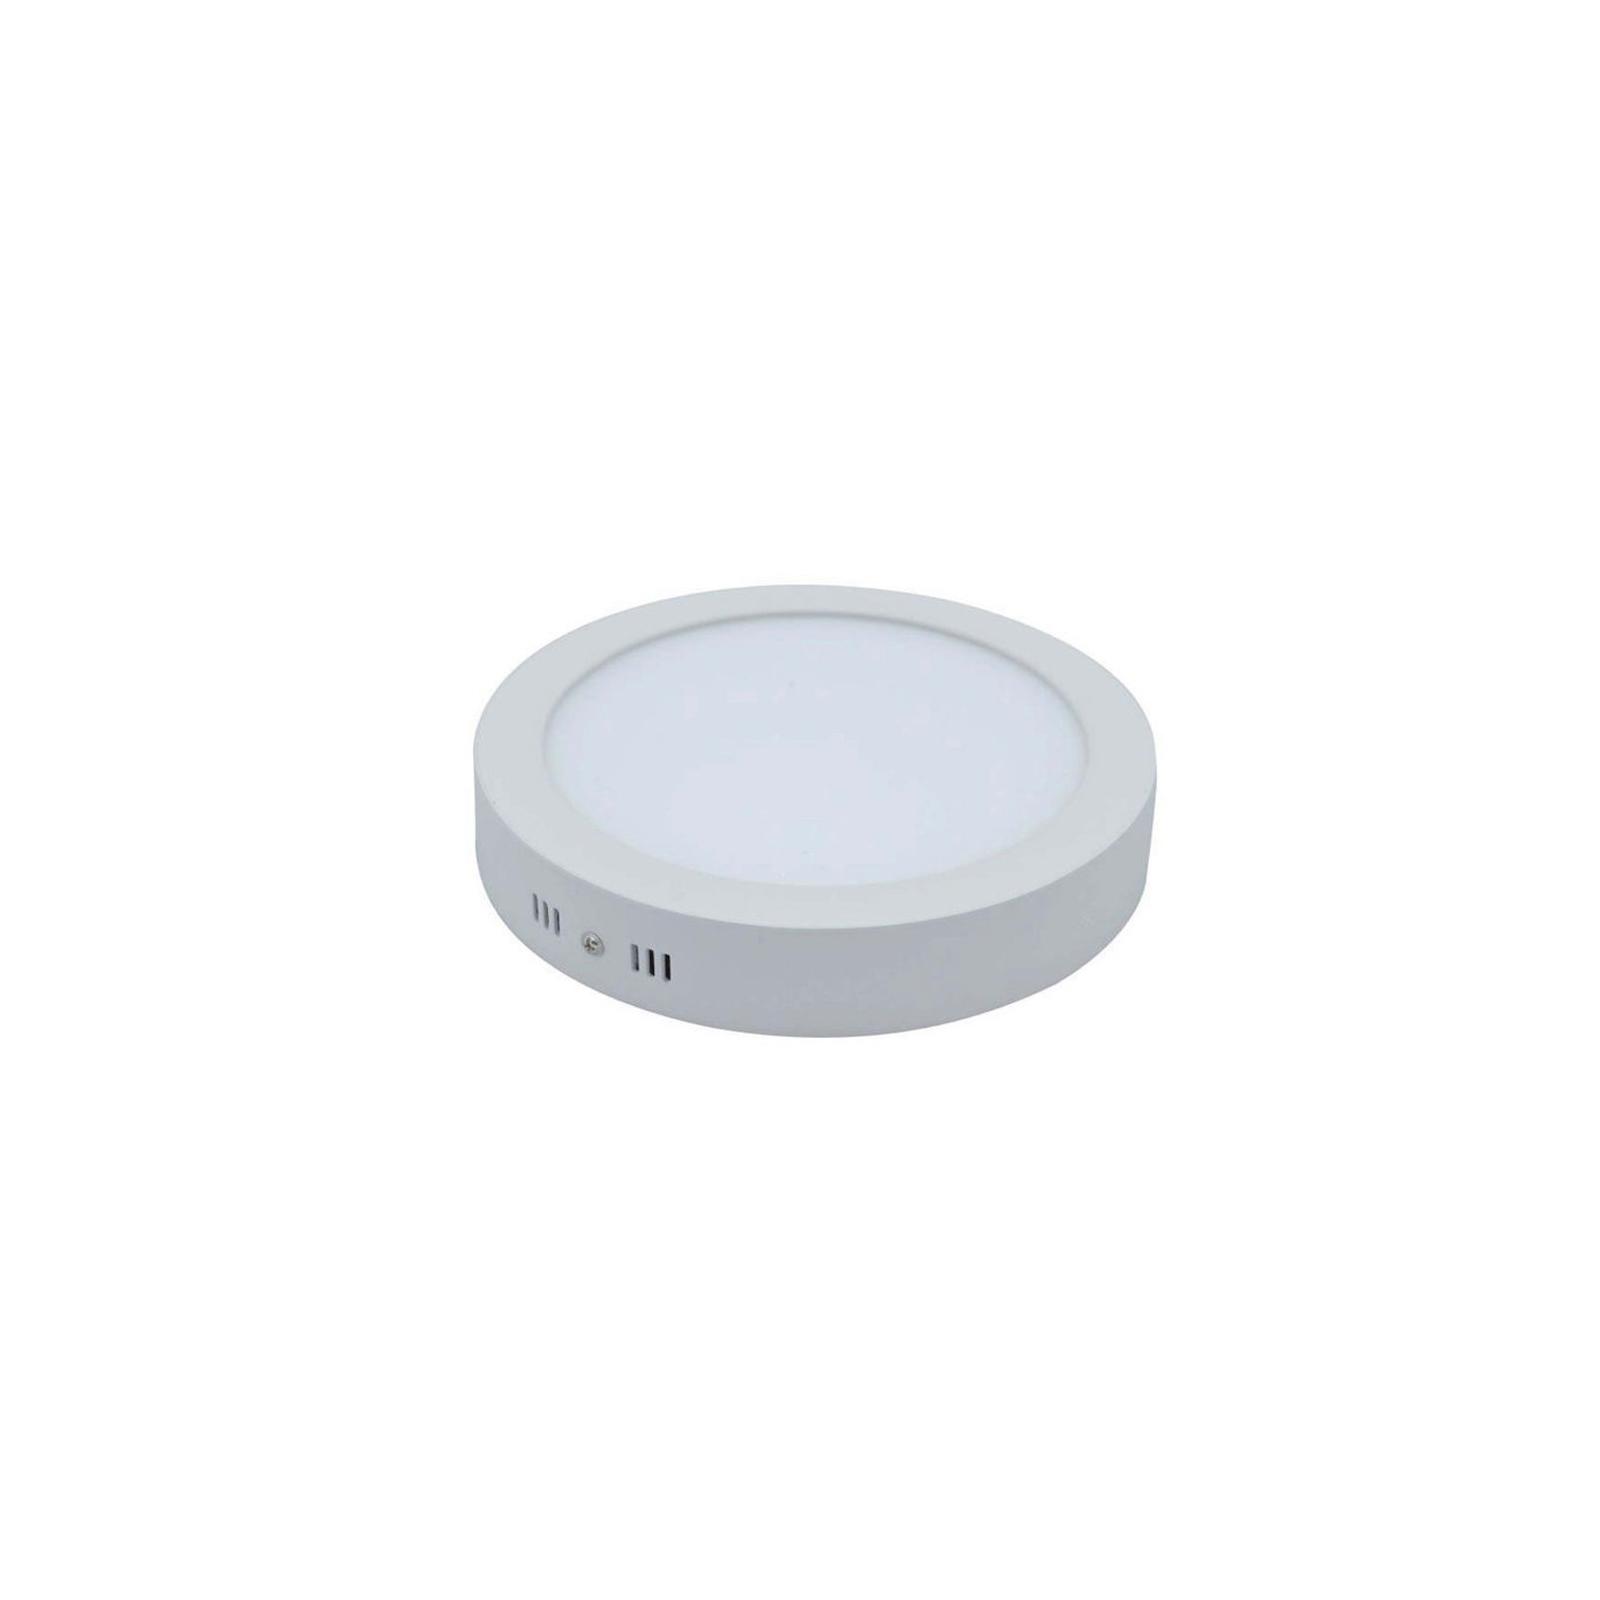 HUBLOT LED 6W ROND BLANC NEUTRE INTERIEUR IP20